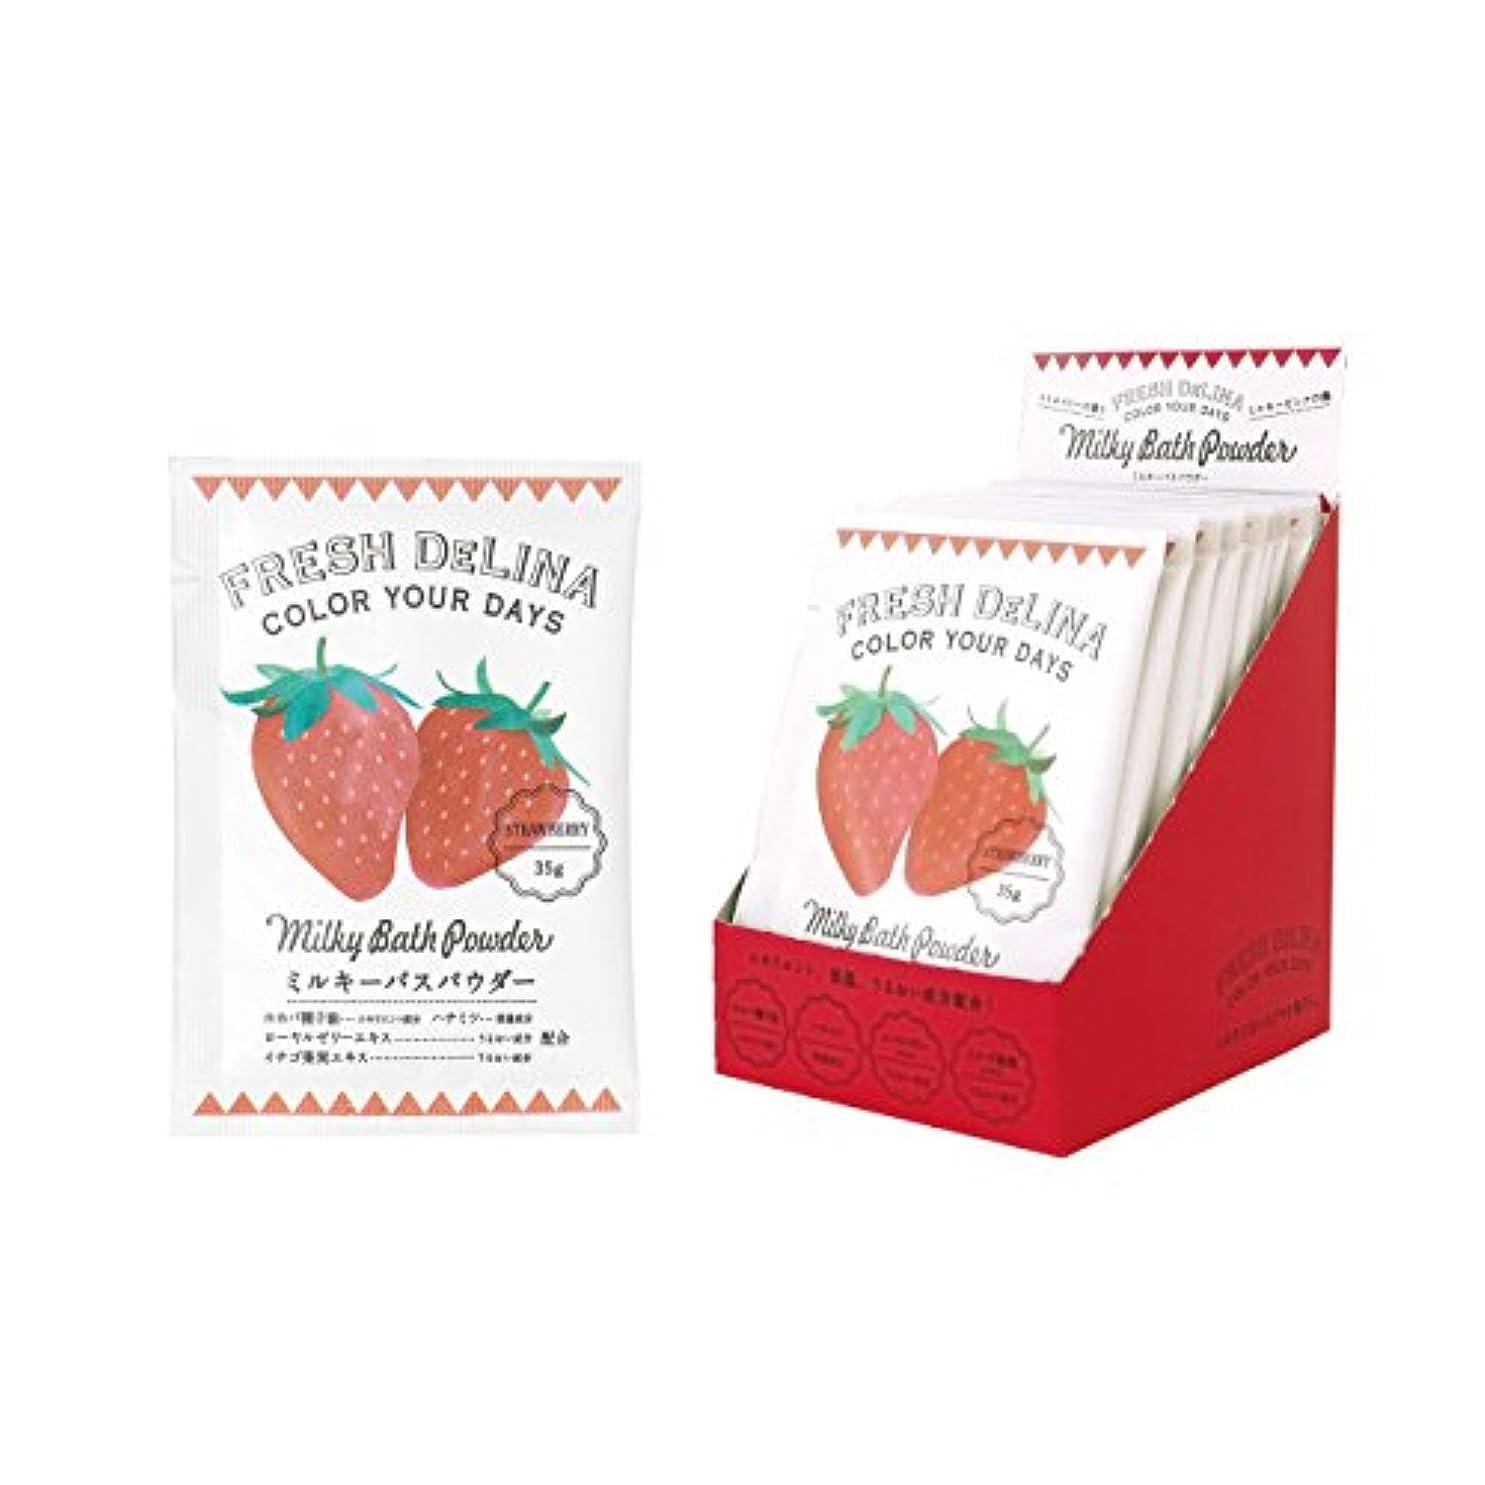 ただやる処方する道徳教育フレッシュデリーナ ミルキーバスパウダー 35g (ストロベリー) 12個 (白濁タイプ入浴料 日本製 ジューシーなイチゴの香り)